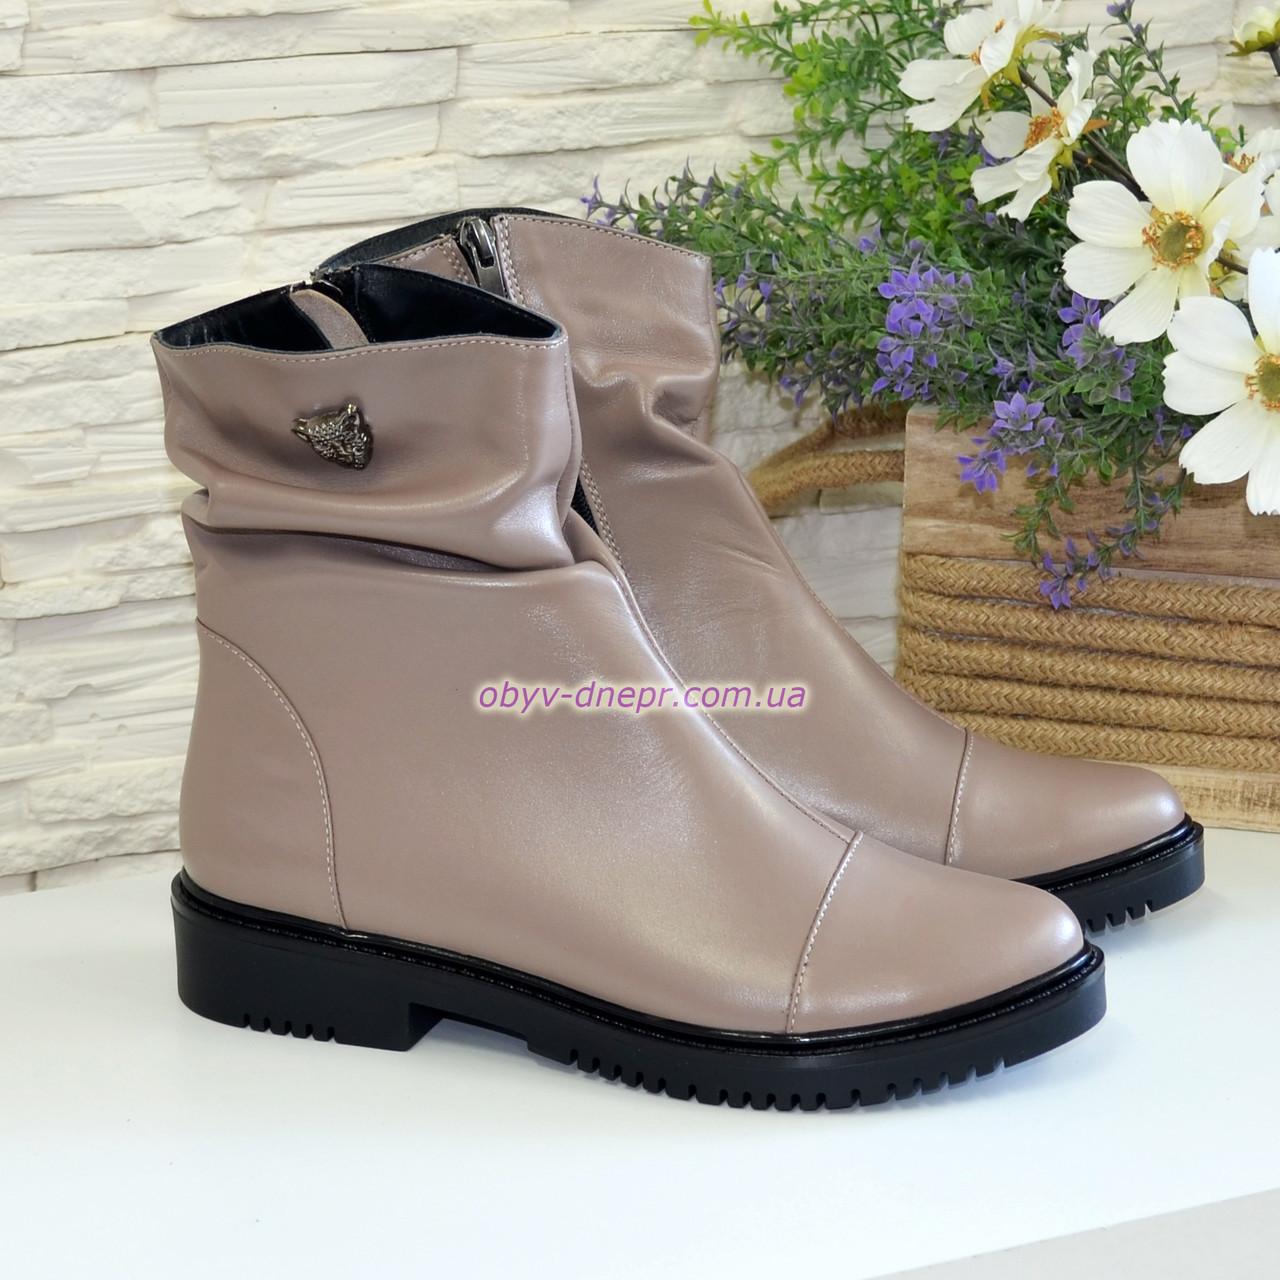 9ea213d1f0f9 Ботинки женские кожаные демисезонные,цвет визон